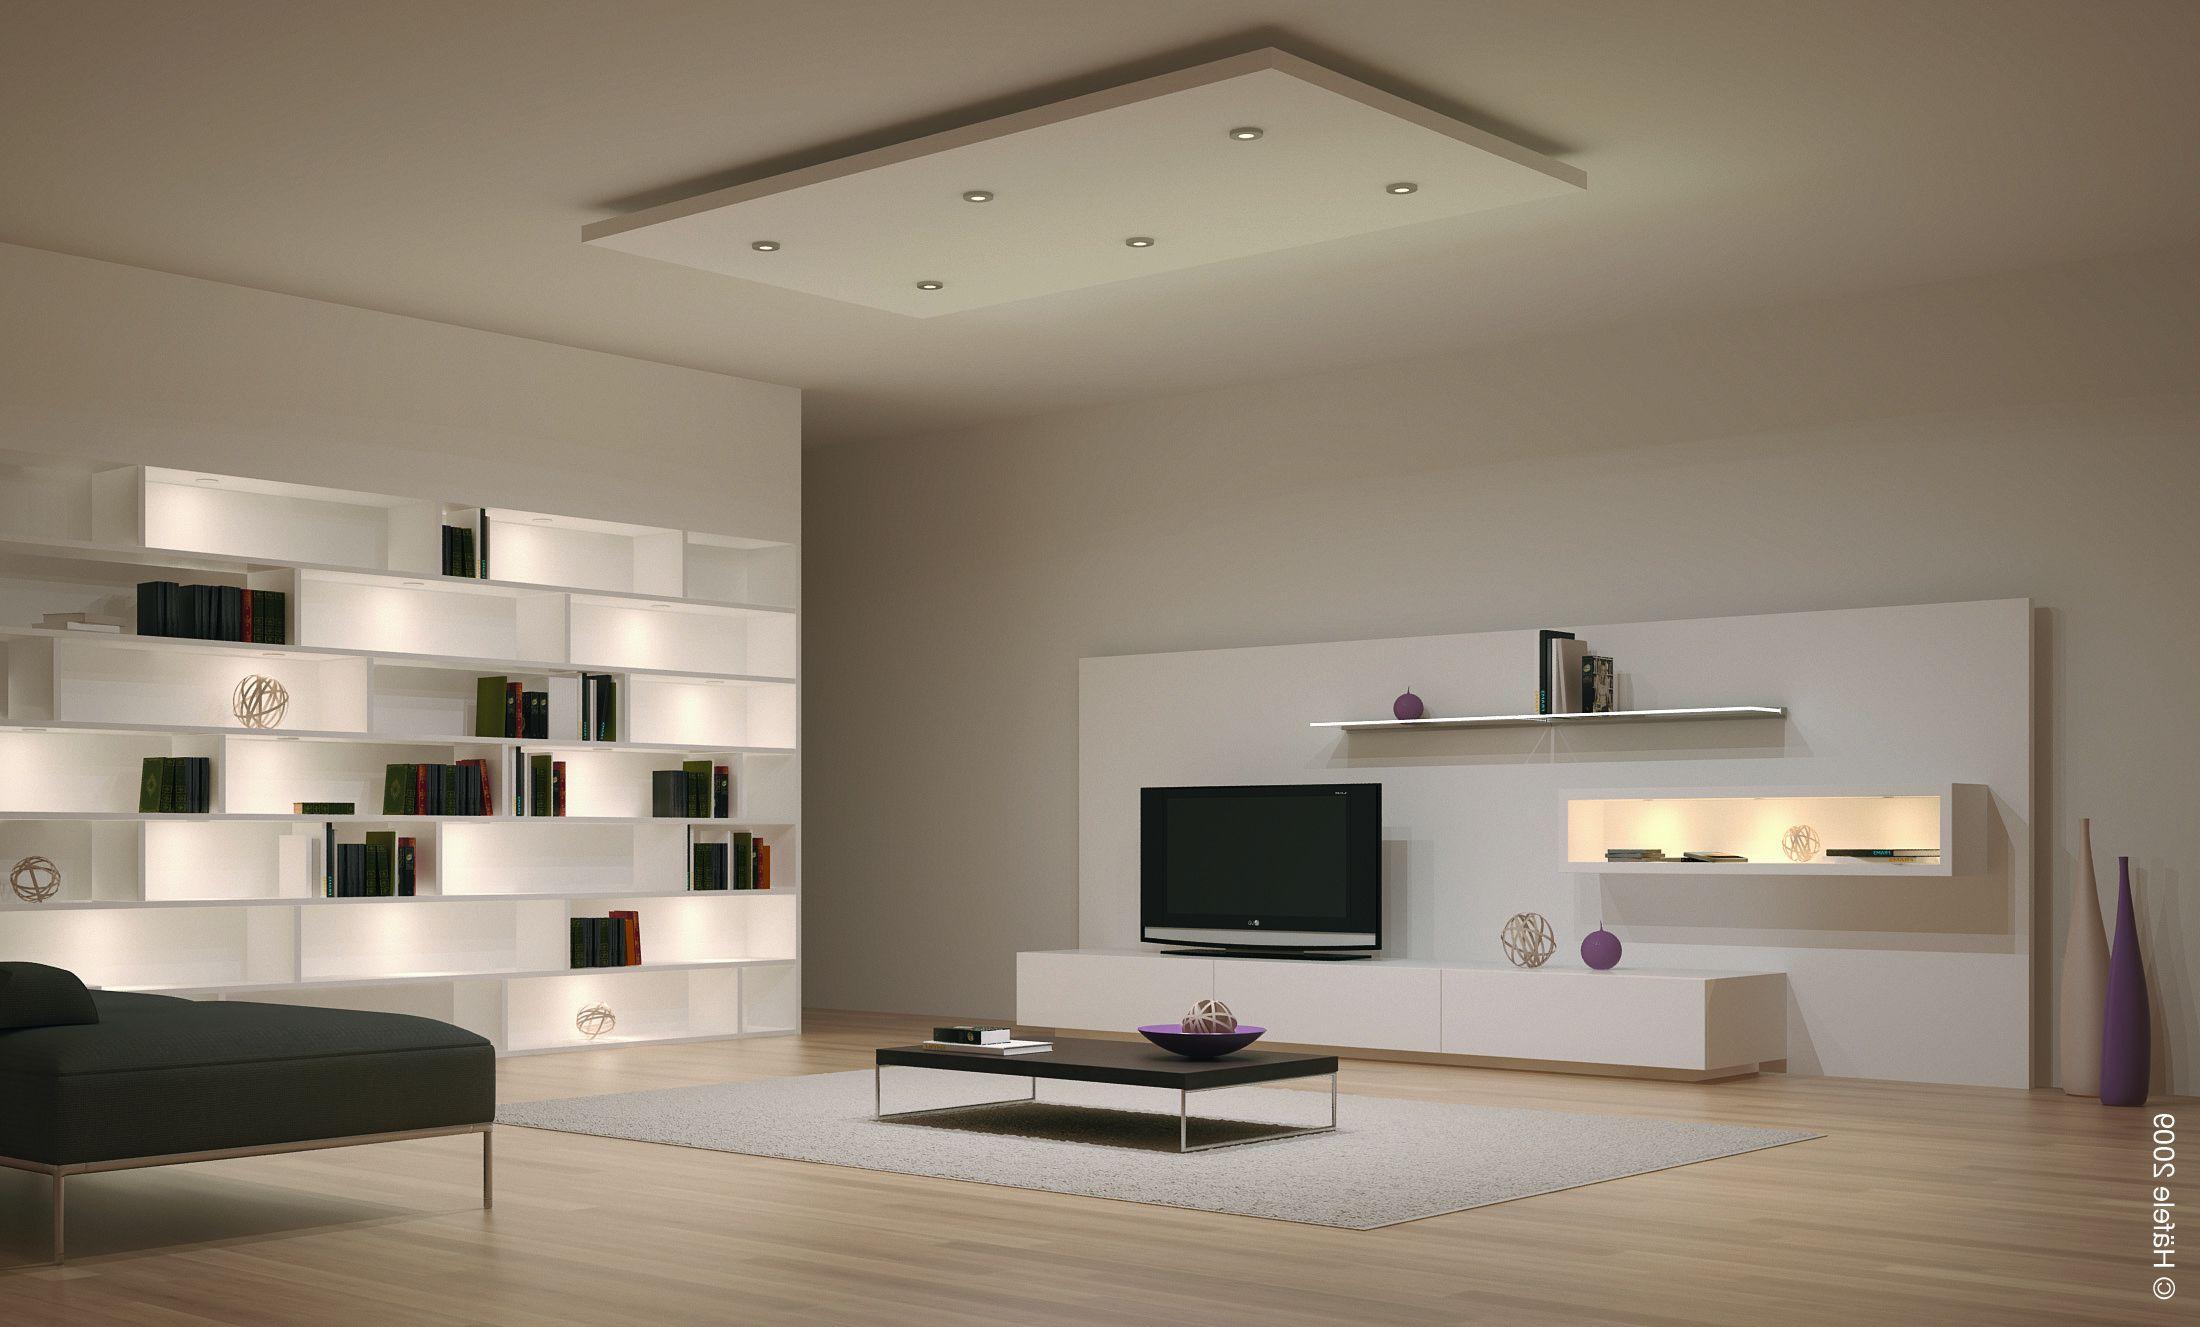 9 Dekorasi Ruang Tamu Minimalis Moden Sederhana Untuk Rumah Yang Mendamaikan Pamapedia